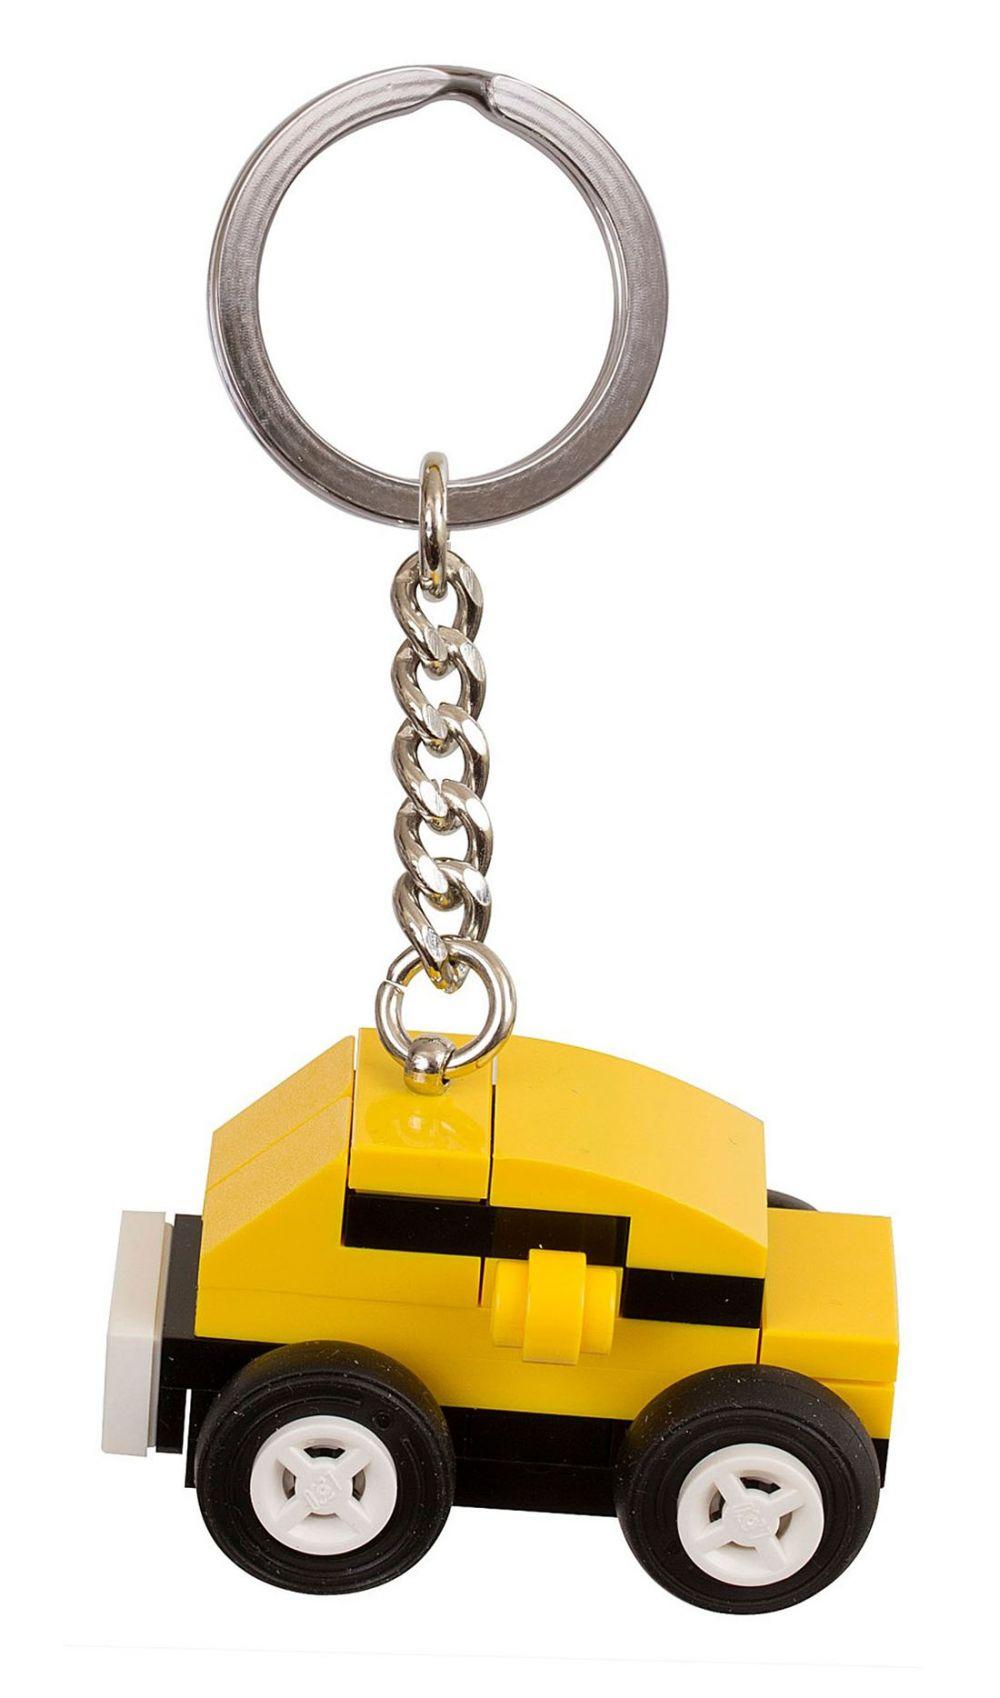 Lego porte cl s 853573 pas cher porte bonheur voiture jaune lego - Porte bonheur pour voiture ...